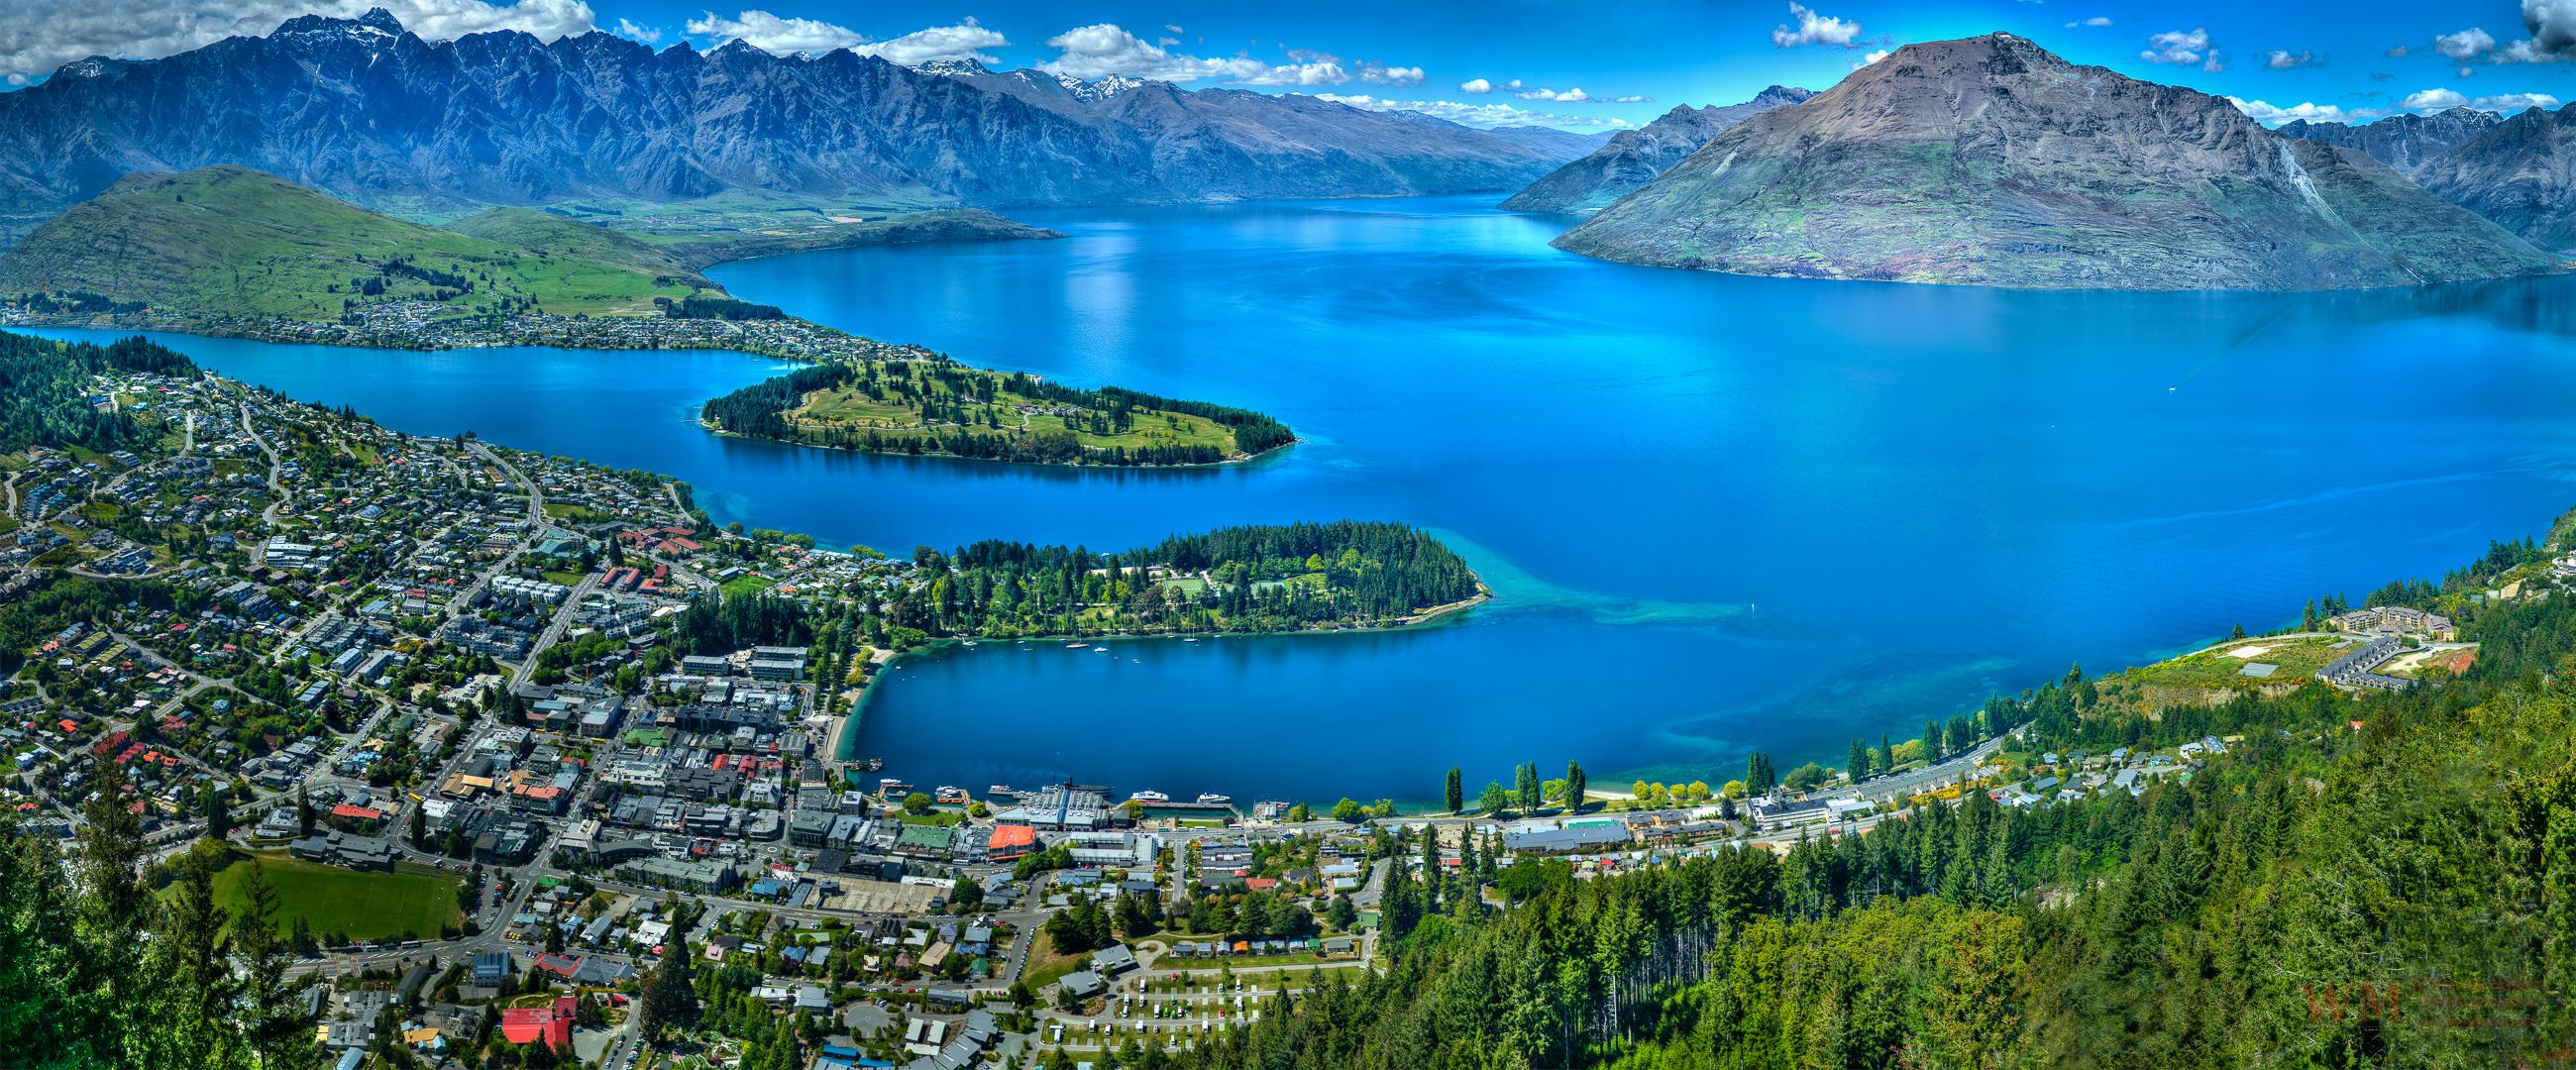 Queenstown-Bay.-New-Zealand-wmphotos.com_